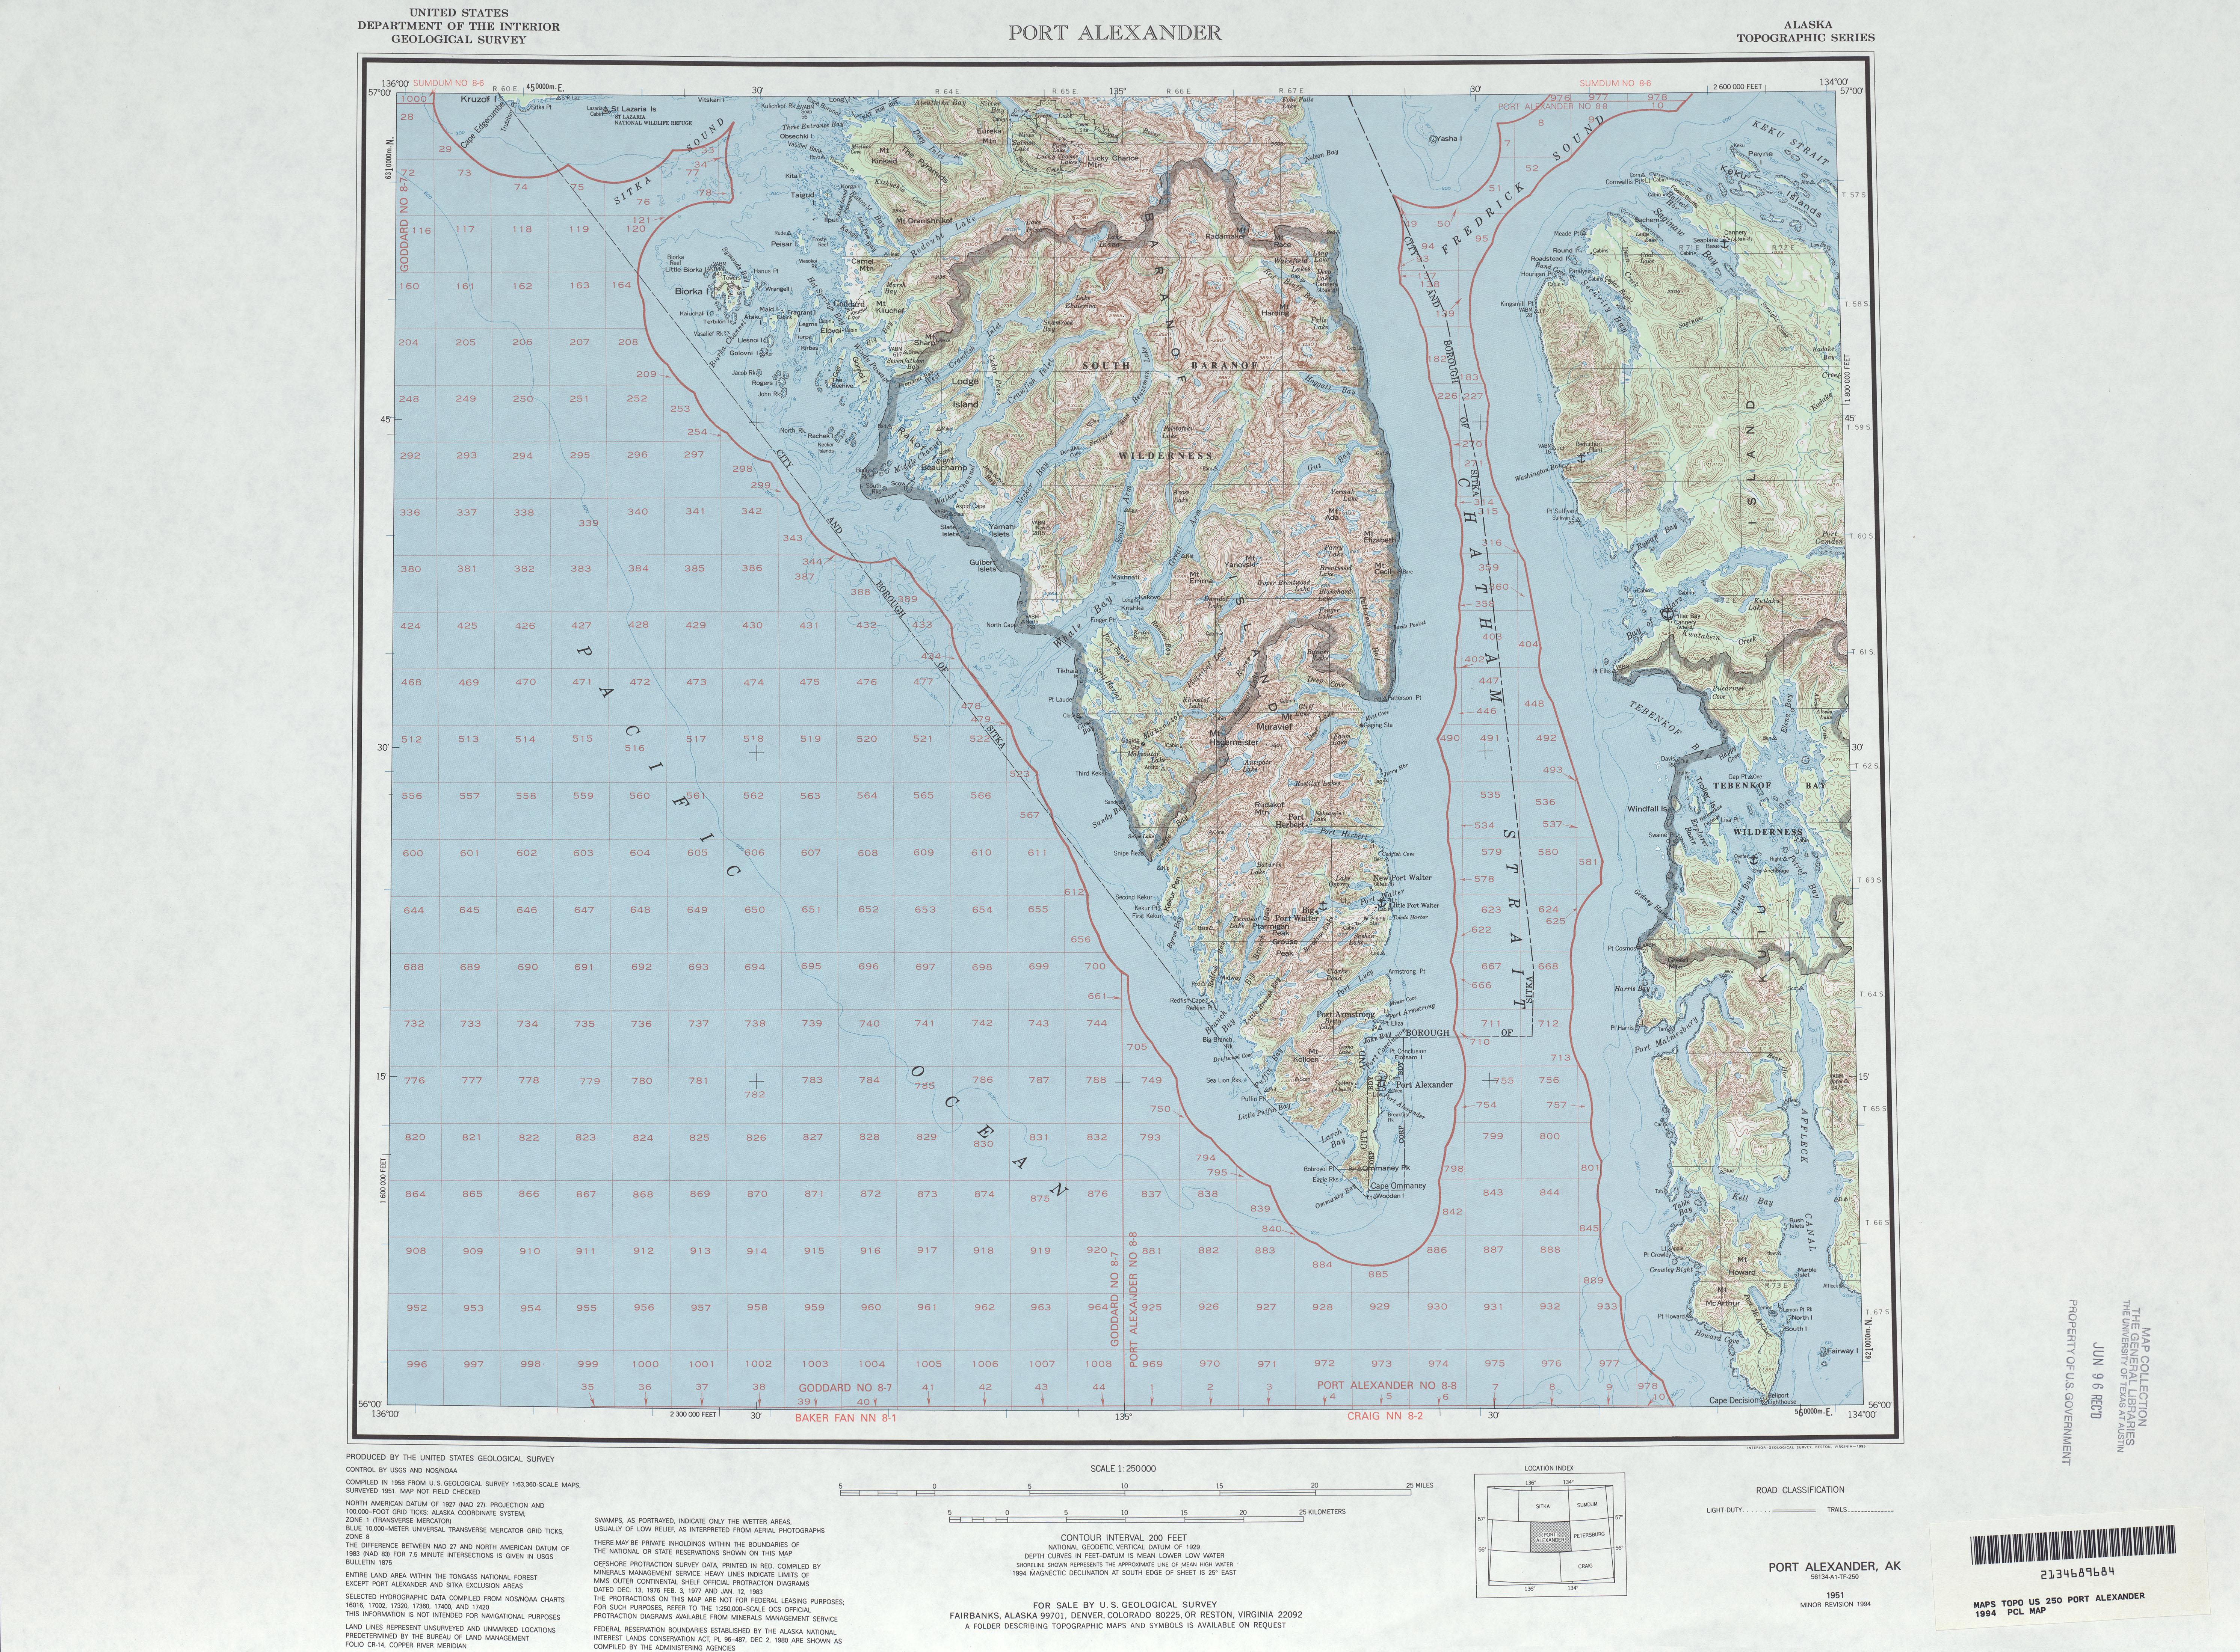 Hoja Port Alexander del Mapa Topográfico de los Estados Unidos 1994